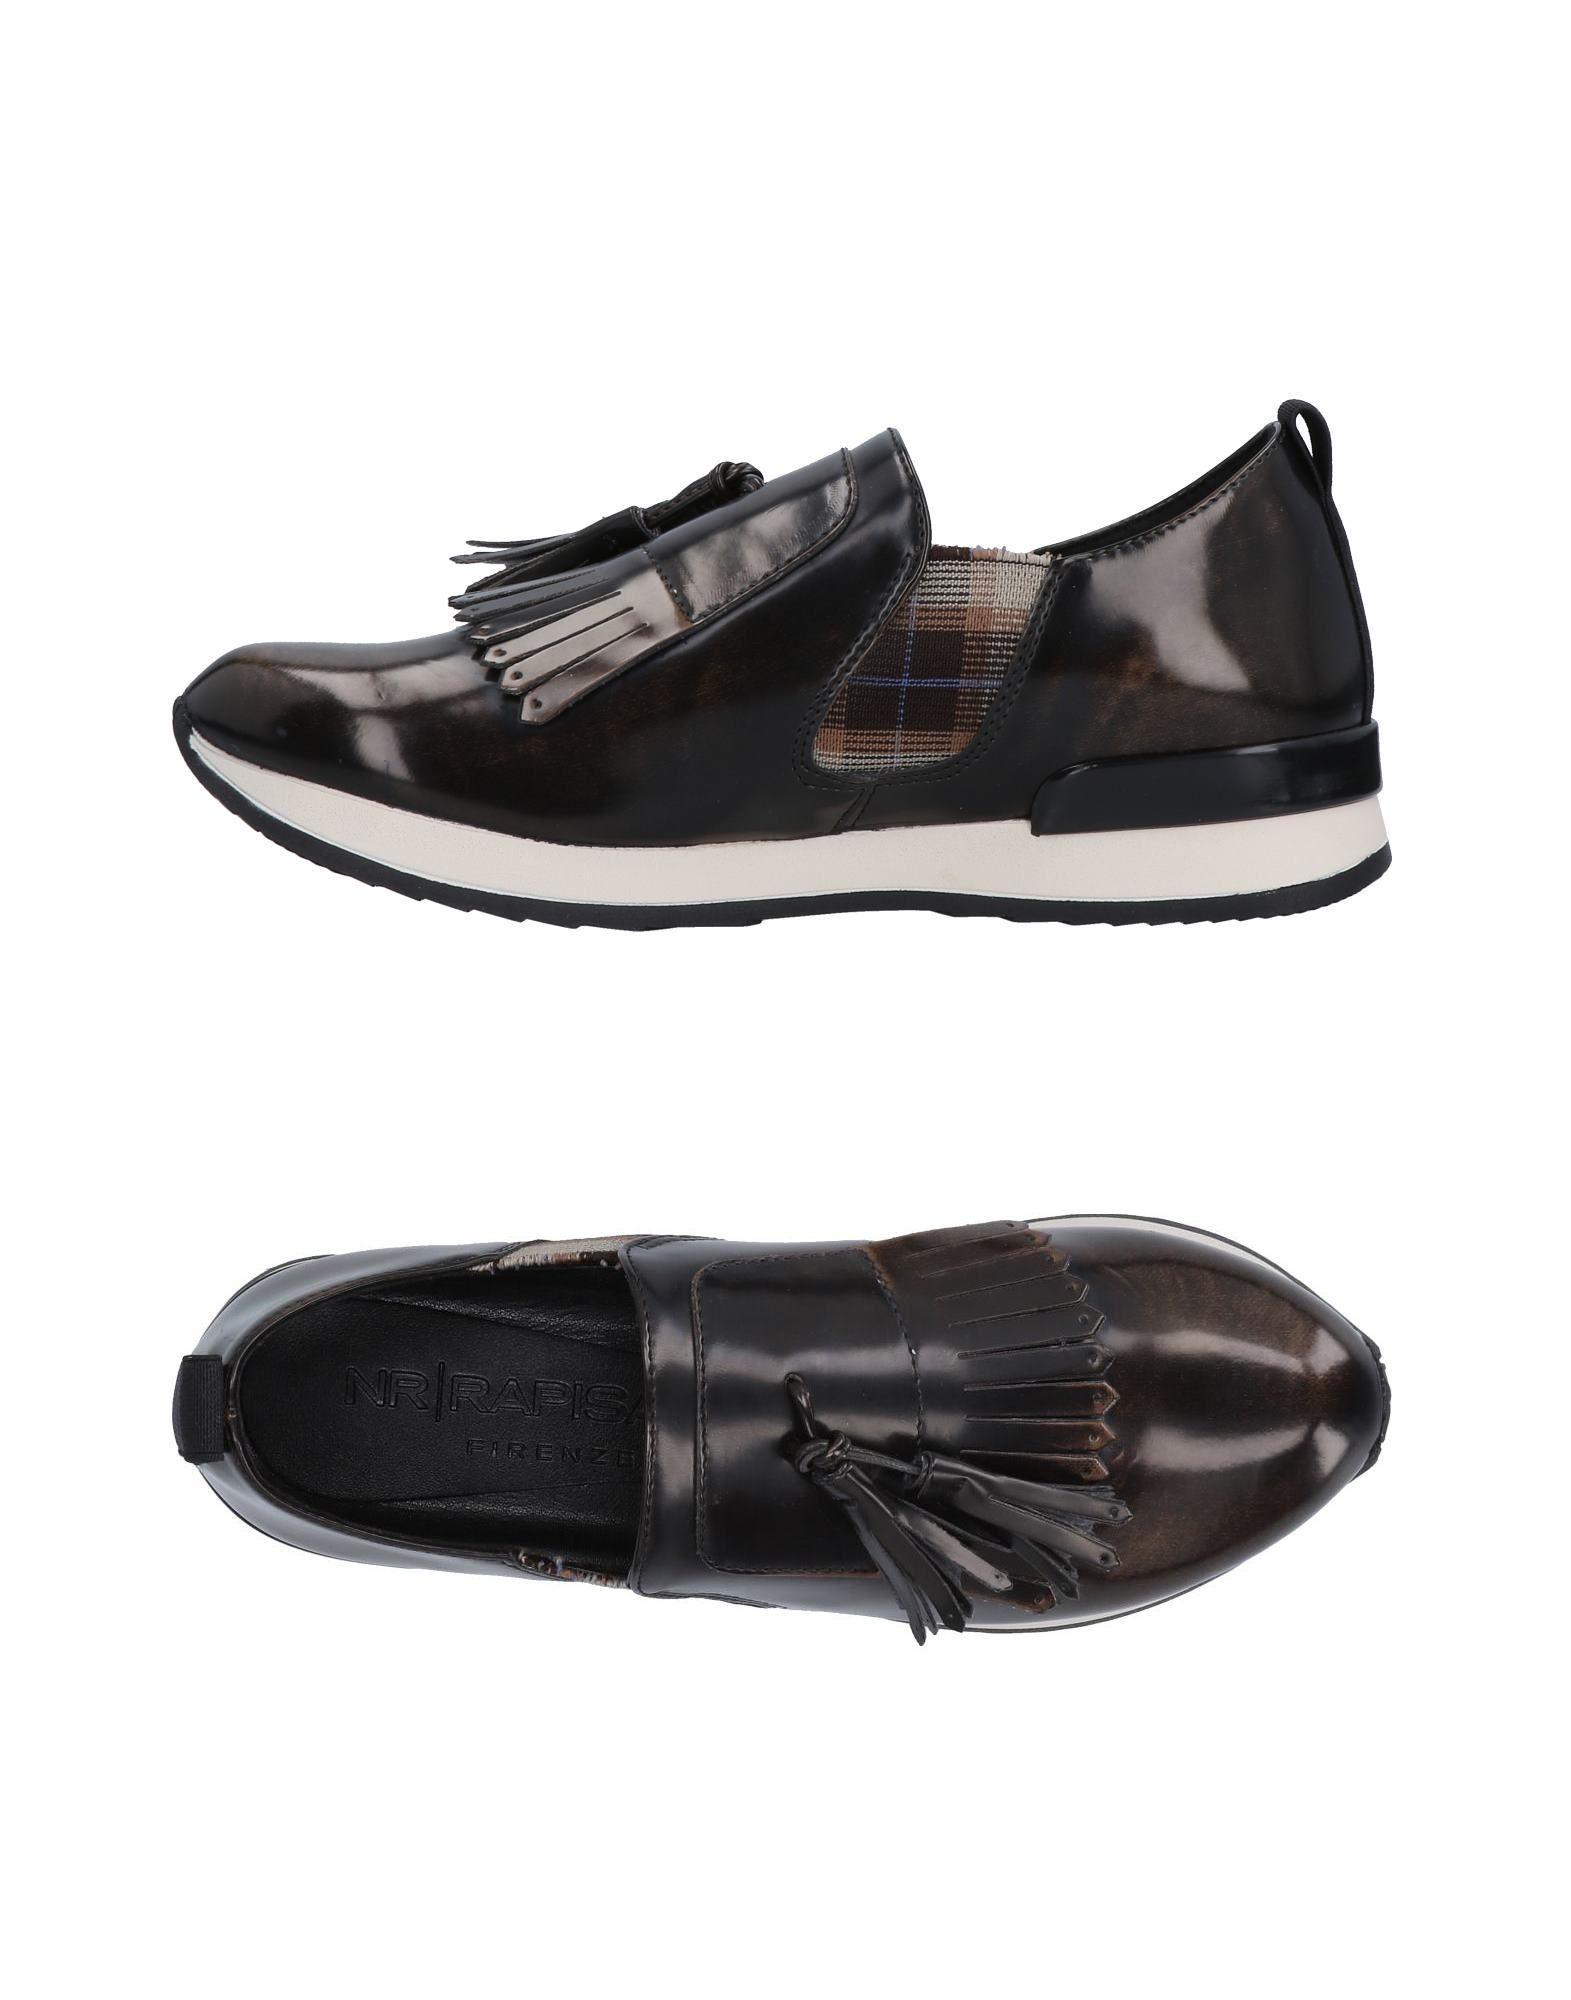 Gut um Rapisardi billige Schuhe zu tragenNr Rapisardi um Sneakers Damen  11503483MJ a1798a